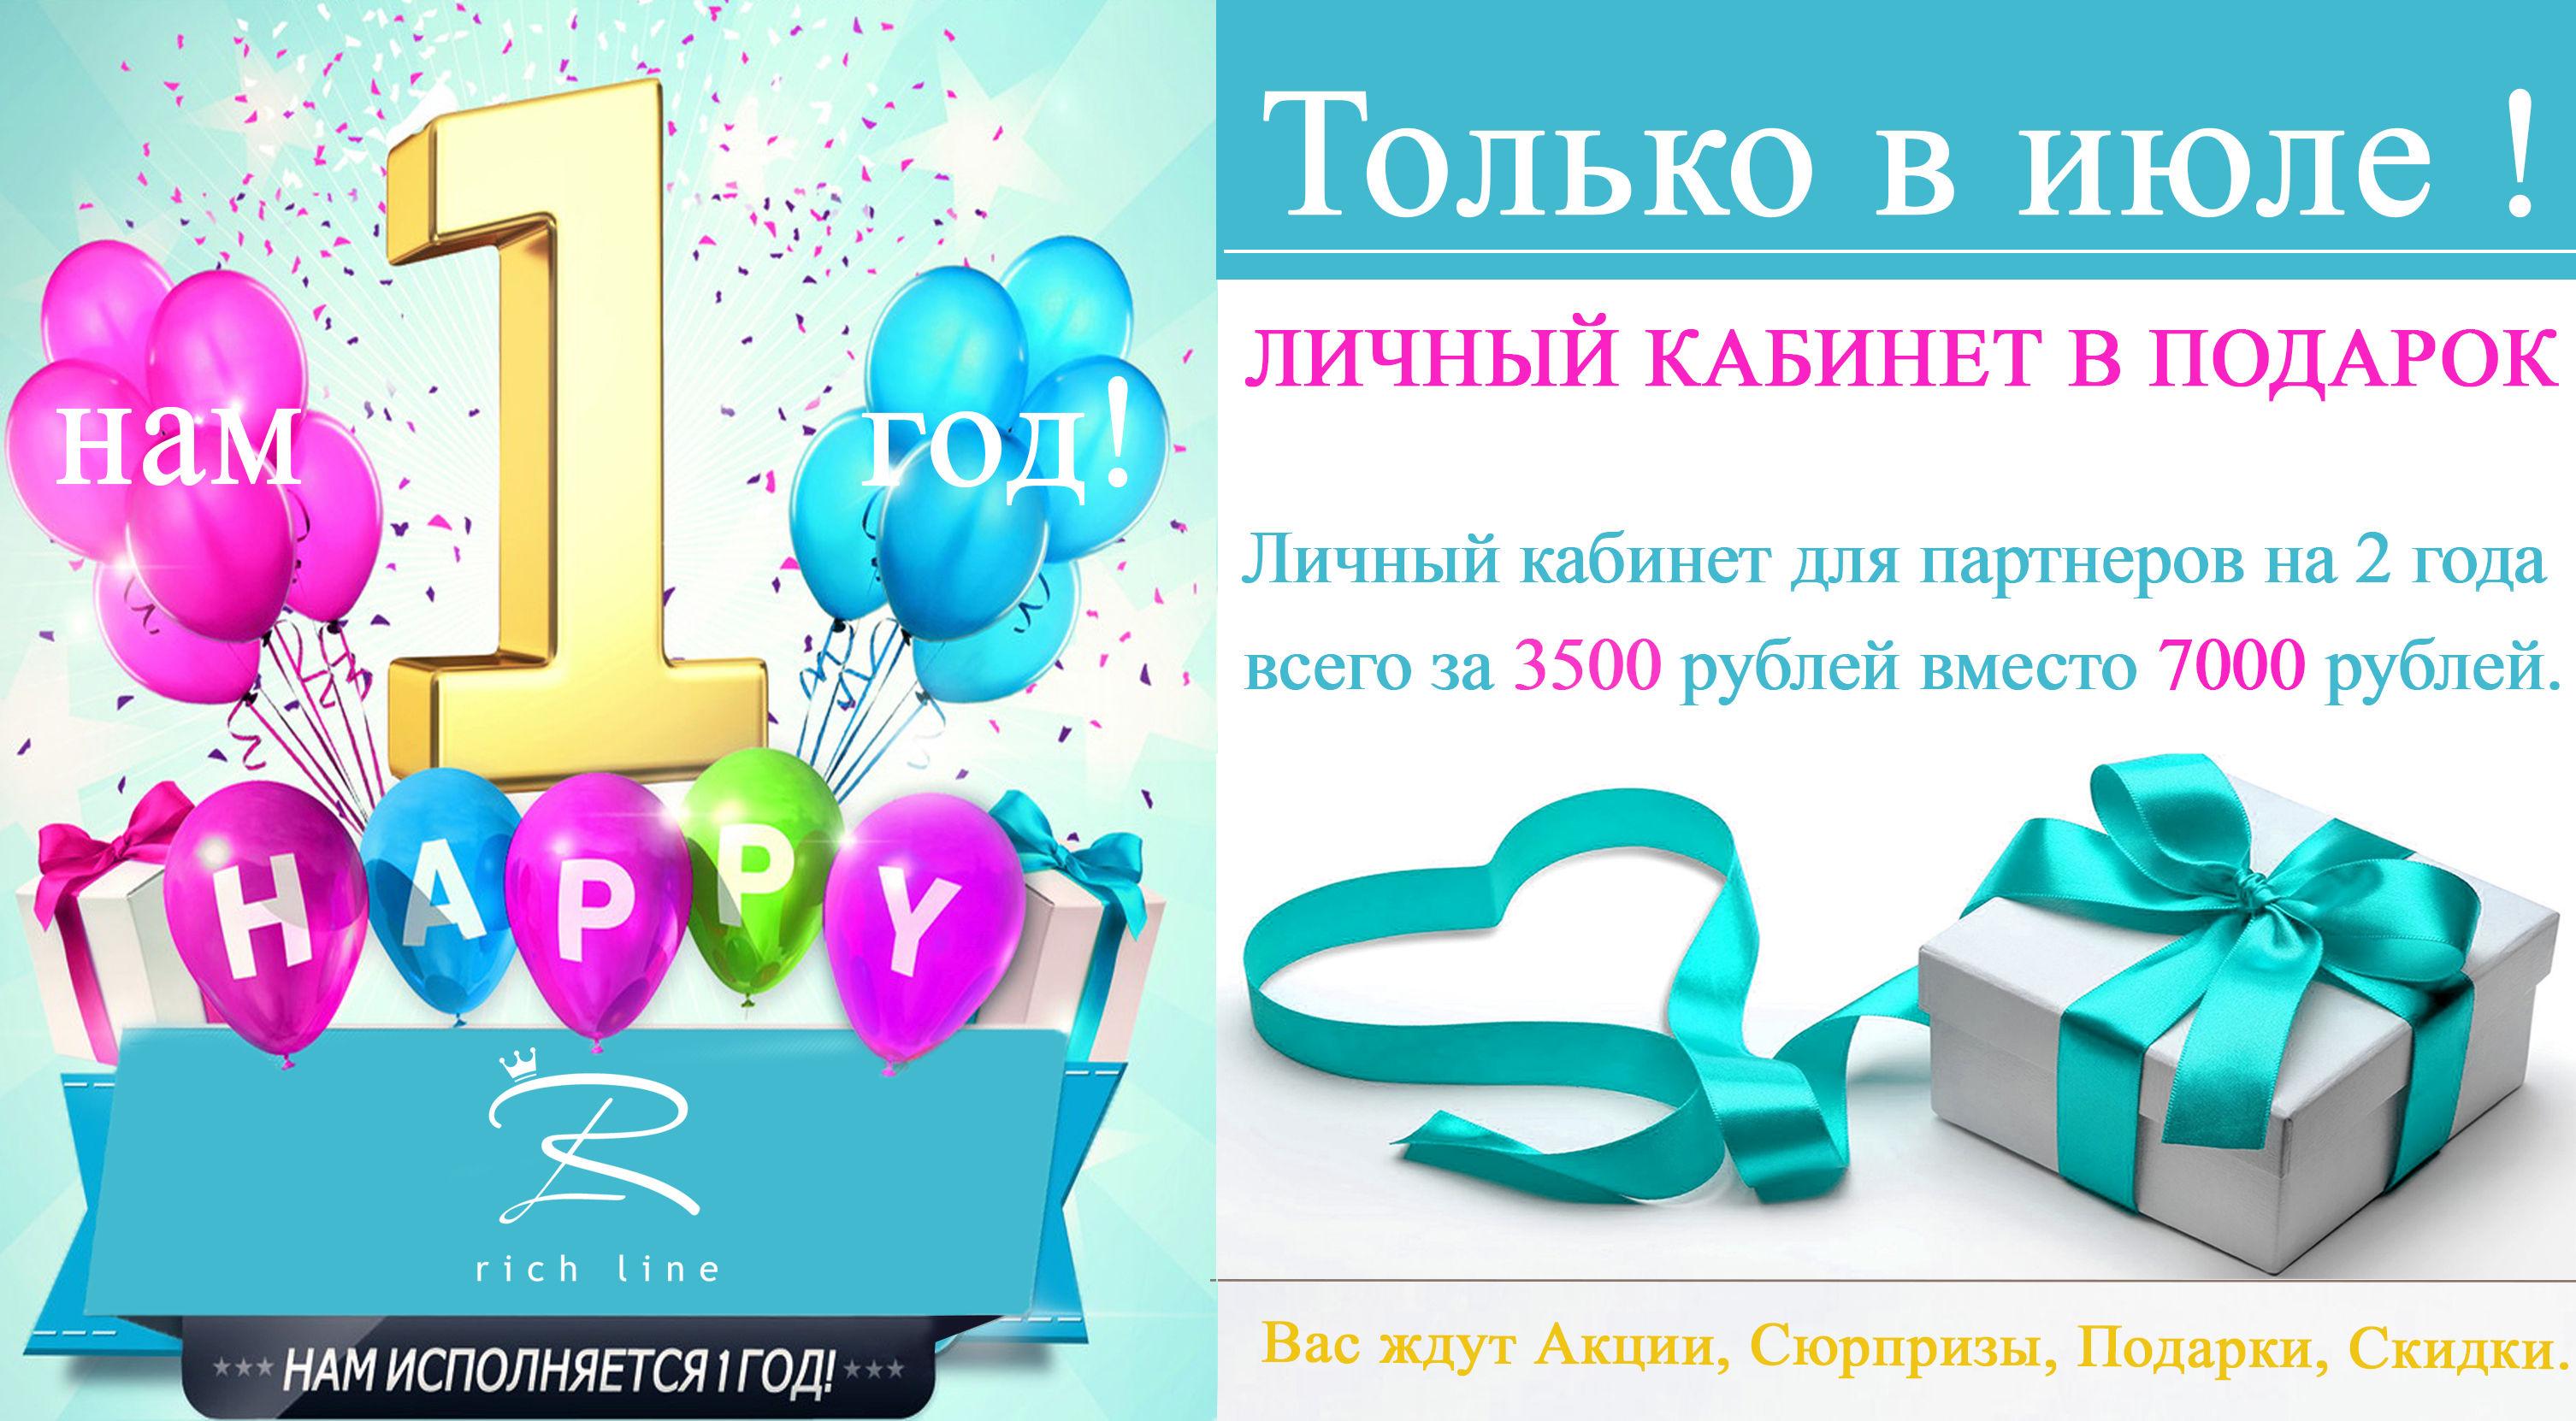 Коробка МАМНЕ - Подарок для Мамы и Новорожденного 57